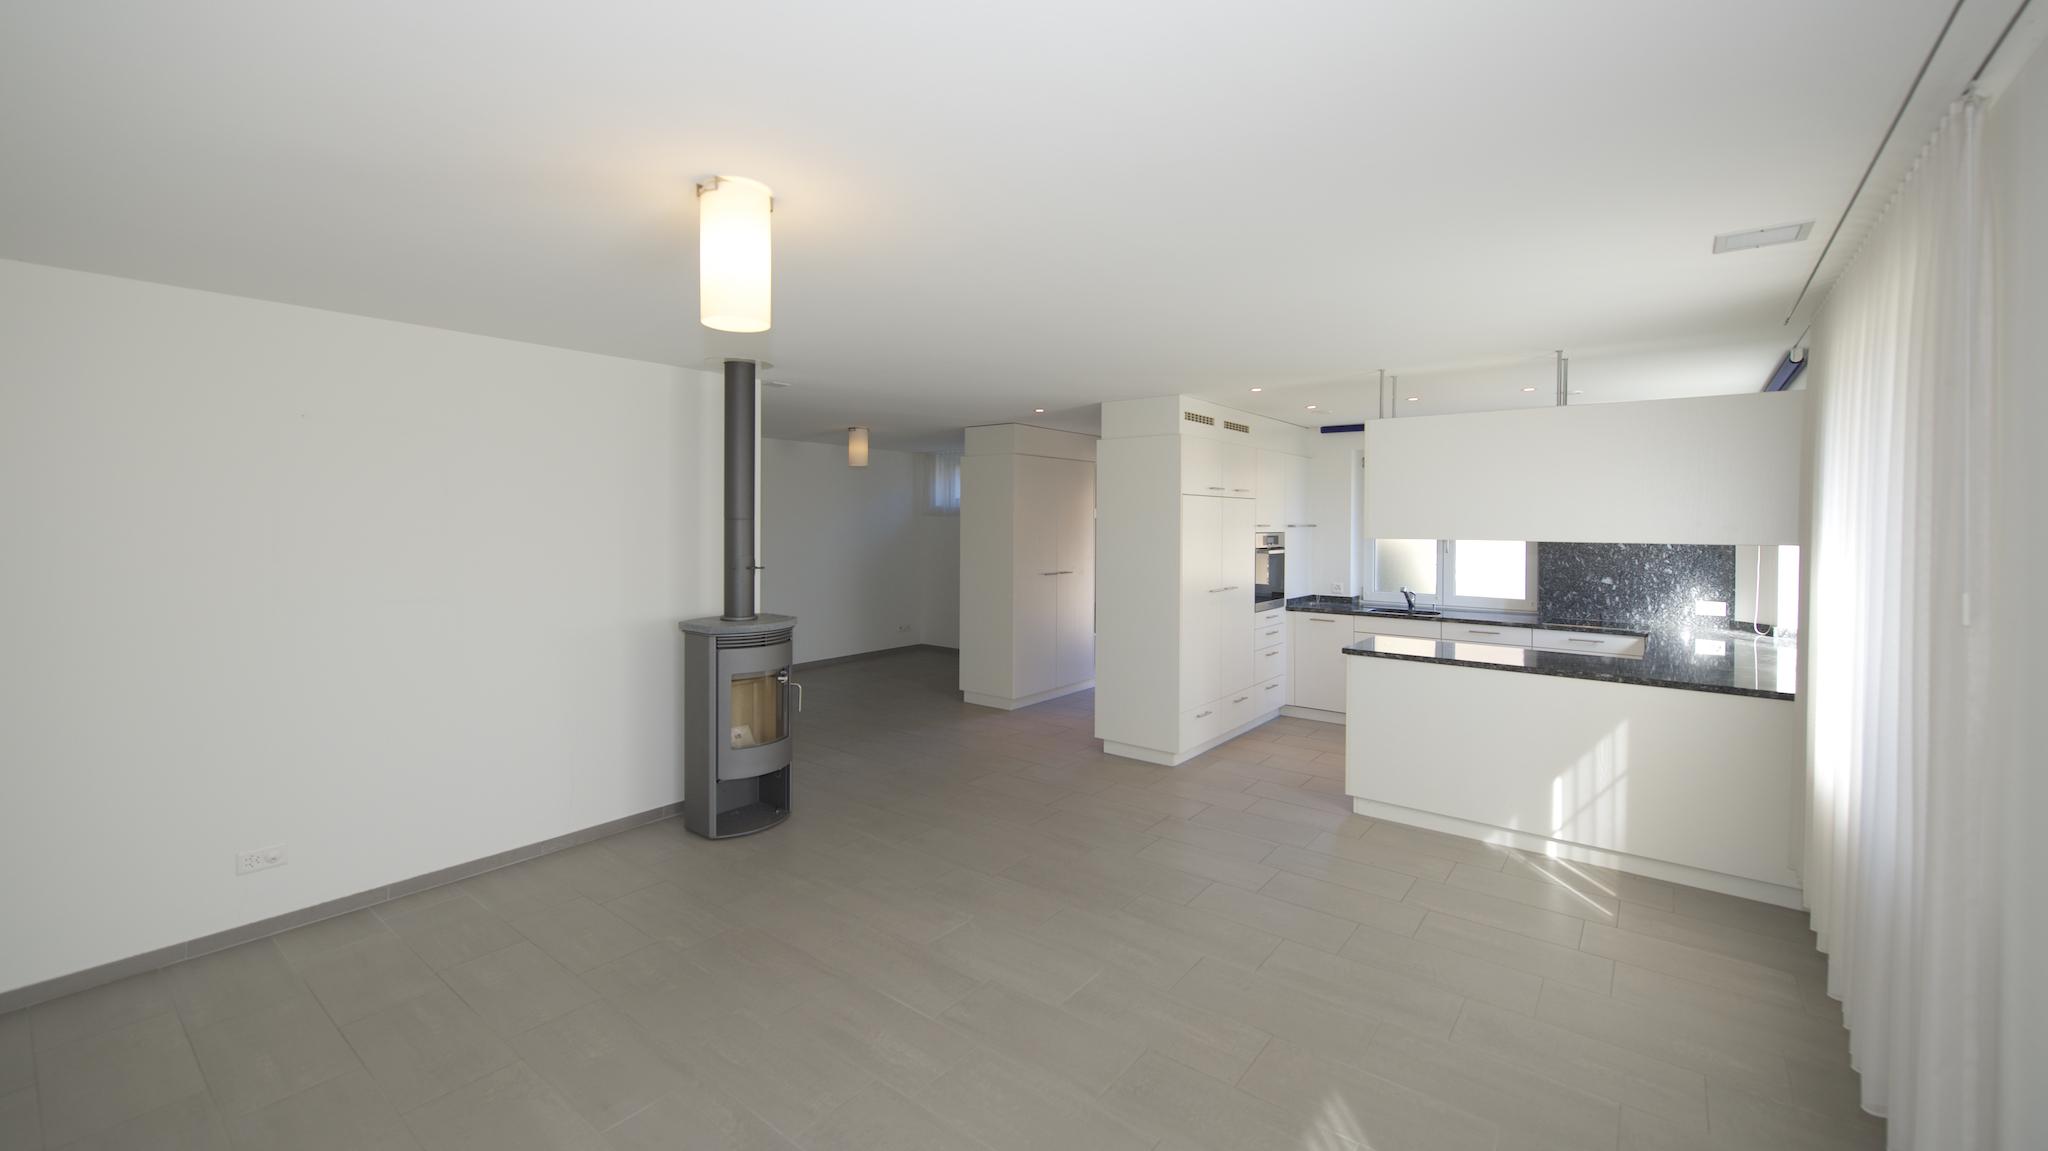 Wohnbereich mit dem Schwedenofen und der Küche